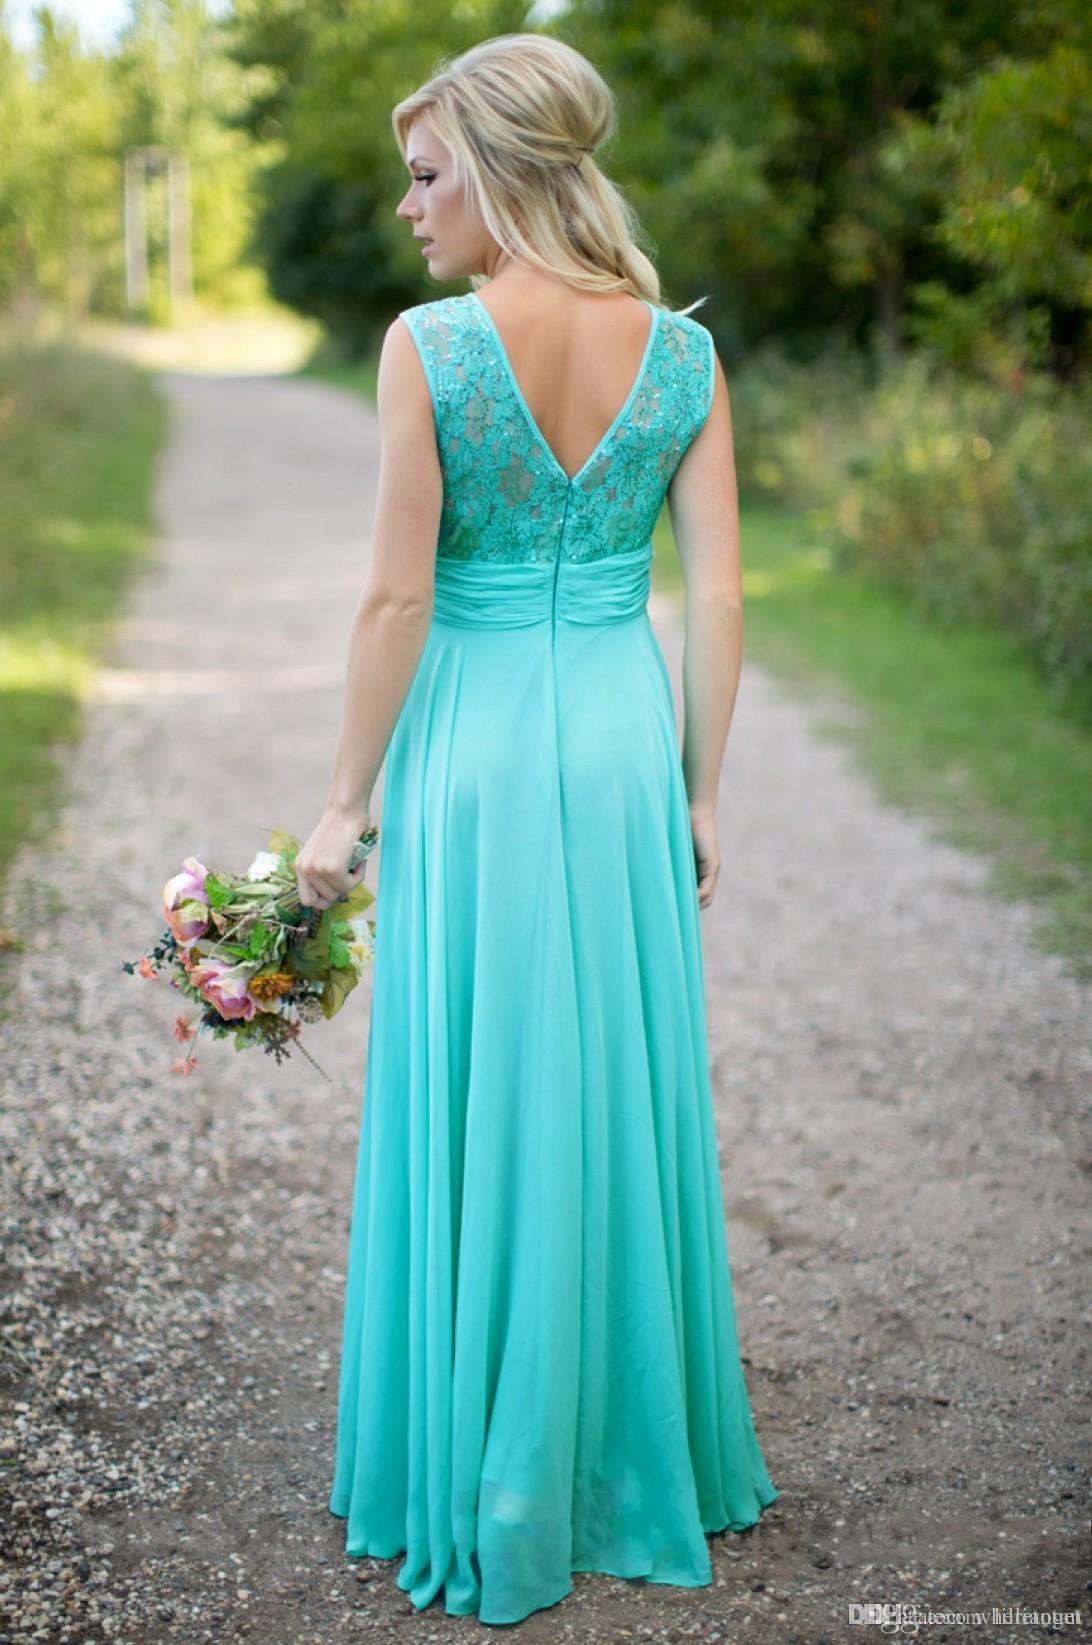 Turquesa Vestidos de dama de honor de encaje Vestido de baile largo de chifón de encaje Vestidos de dama de honor de la playa Vestidos de dama de honor ruchada para bodas